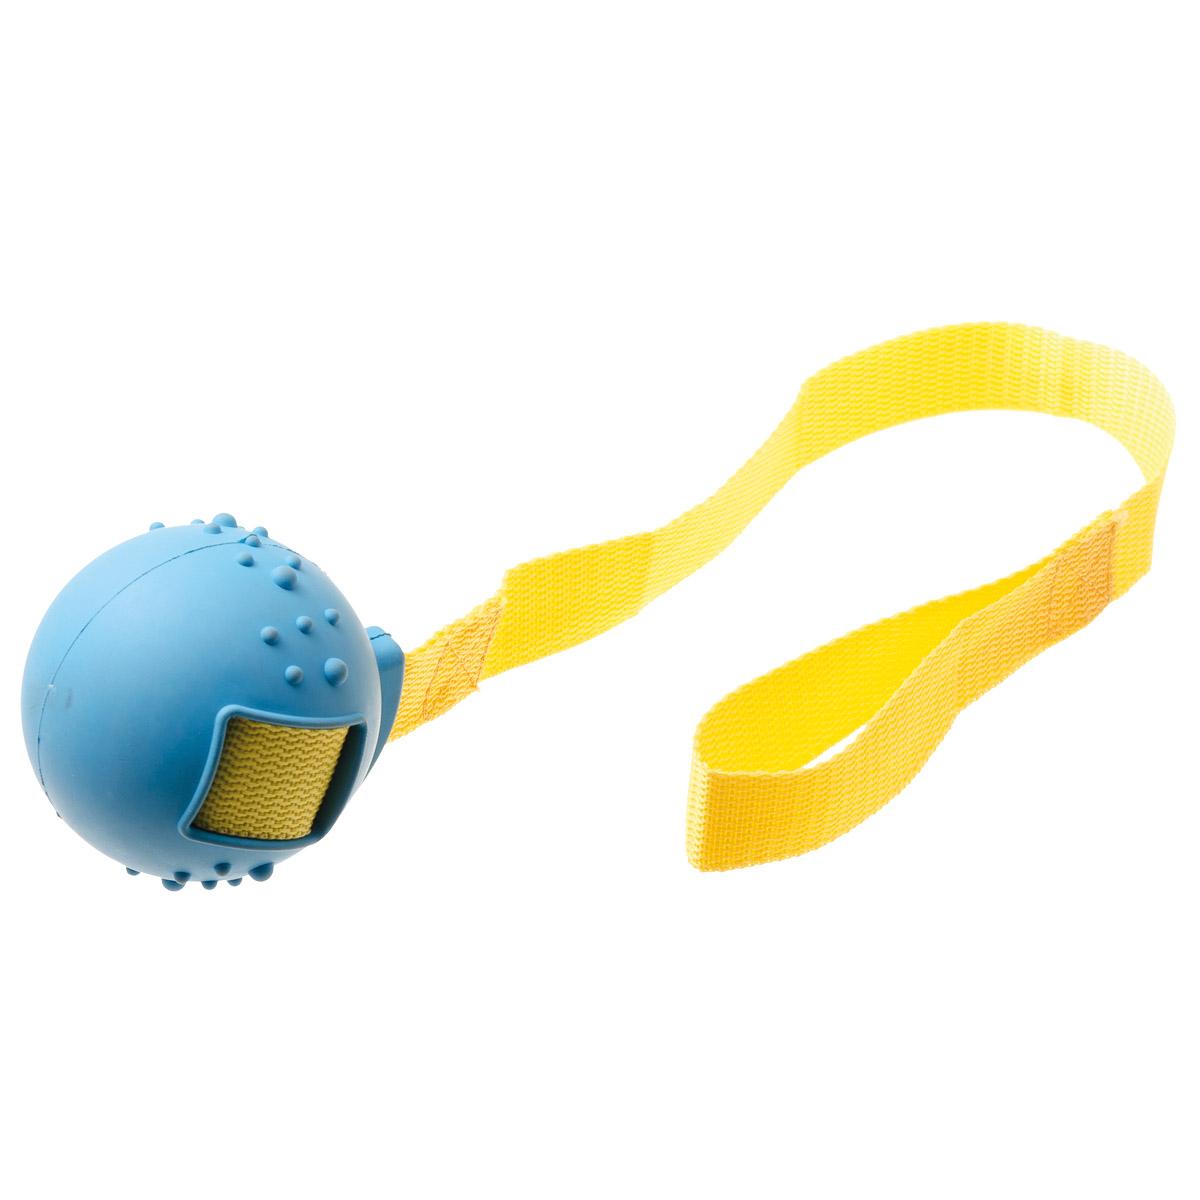 Игрушка для собак V.I.Pet Мяч на ручке, диаметр 8 см0120710Игрушка для собак V.I.Pet Мяч на ручке предназначена для активной игры с питомцем в перетягивание и бросание. С этой игрушкой с удовольствием будут играть и щенки, и взрослые собаки. Изготовлена из экологически чистой резины - абсолютно нетоксичной и безопасной, моется водой.